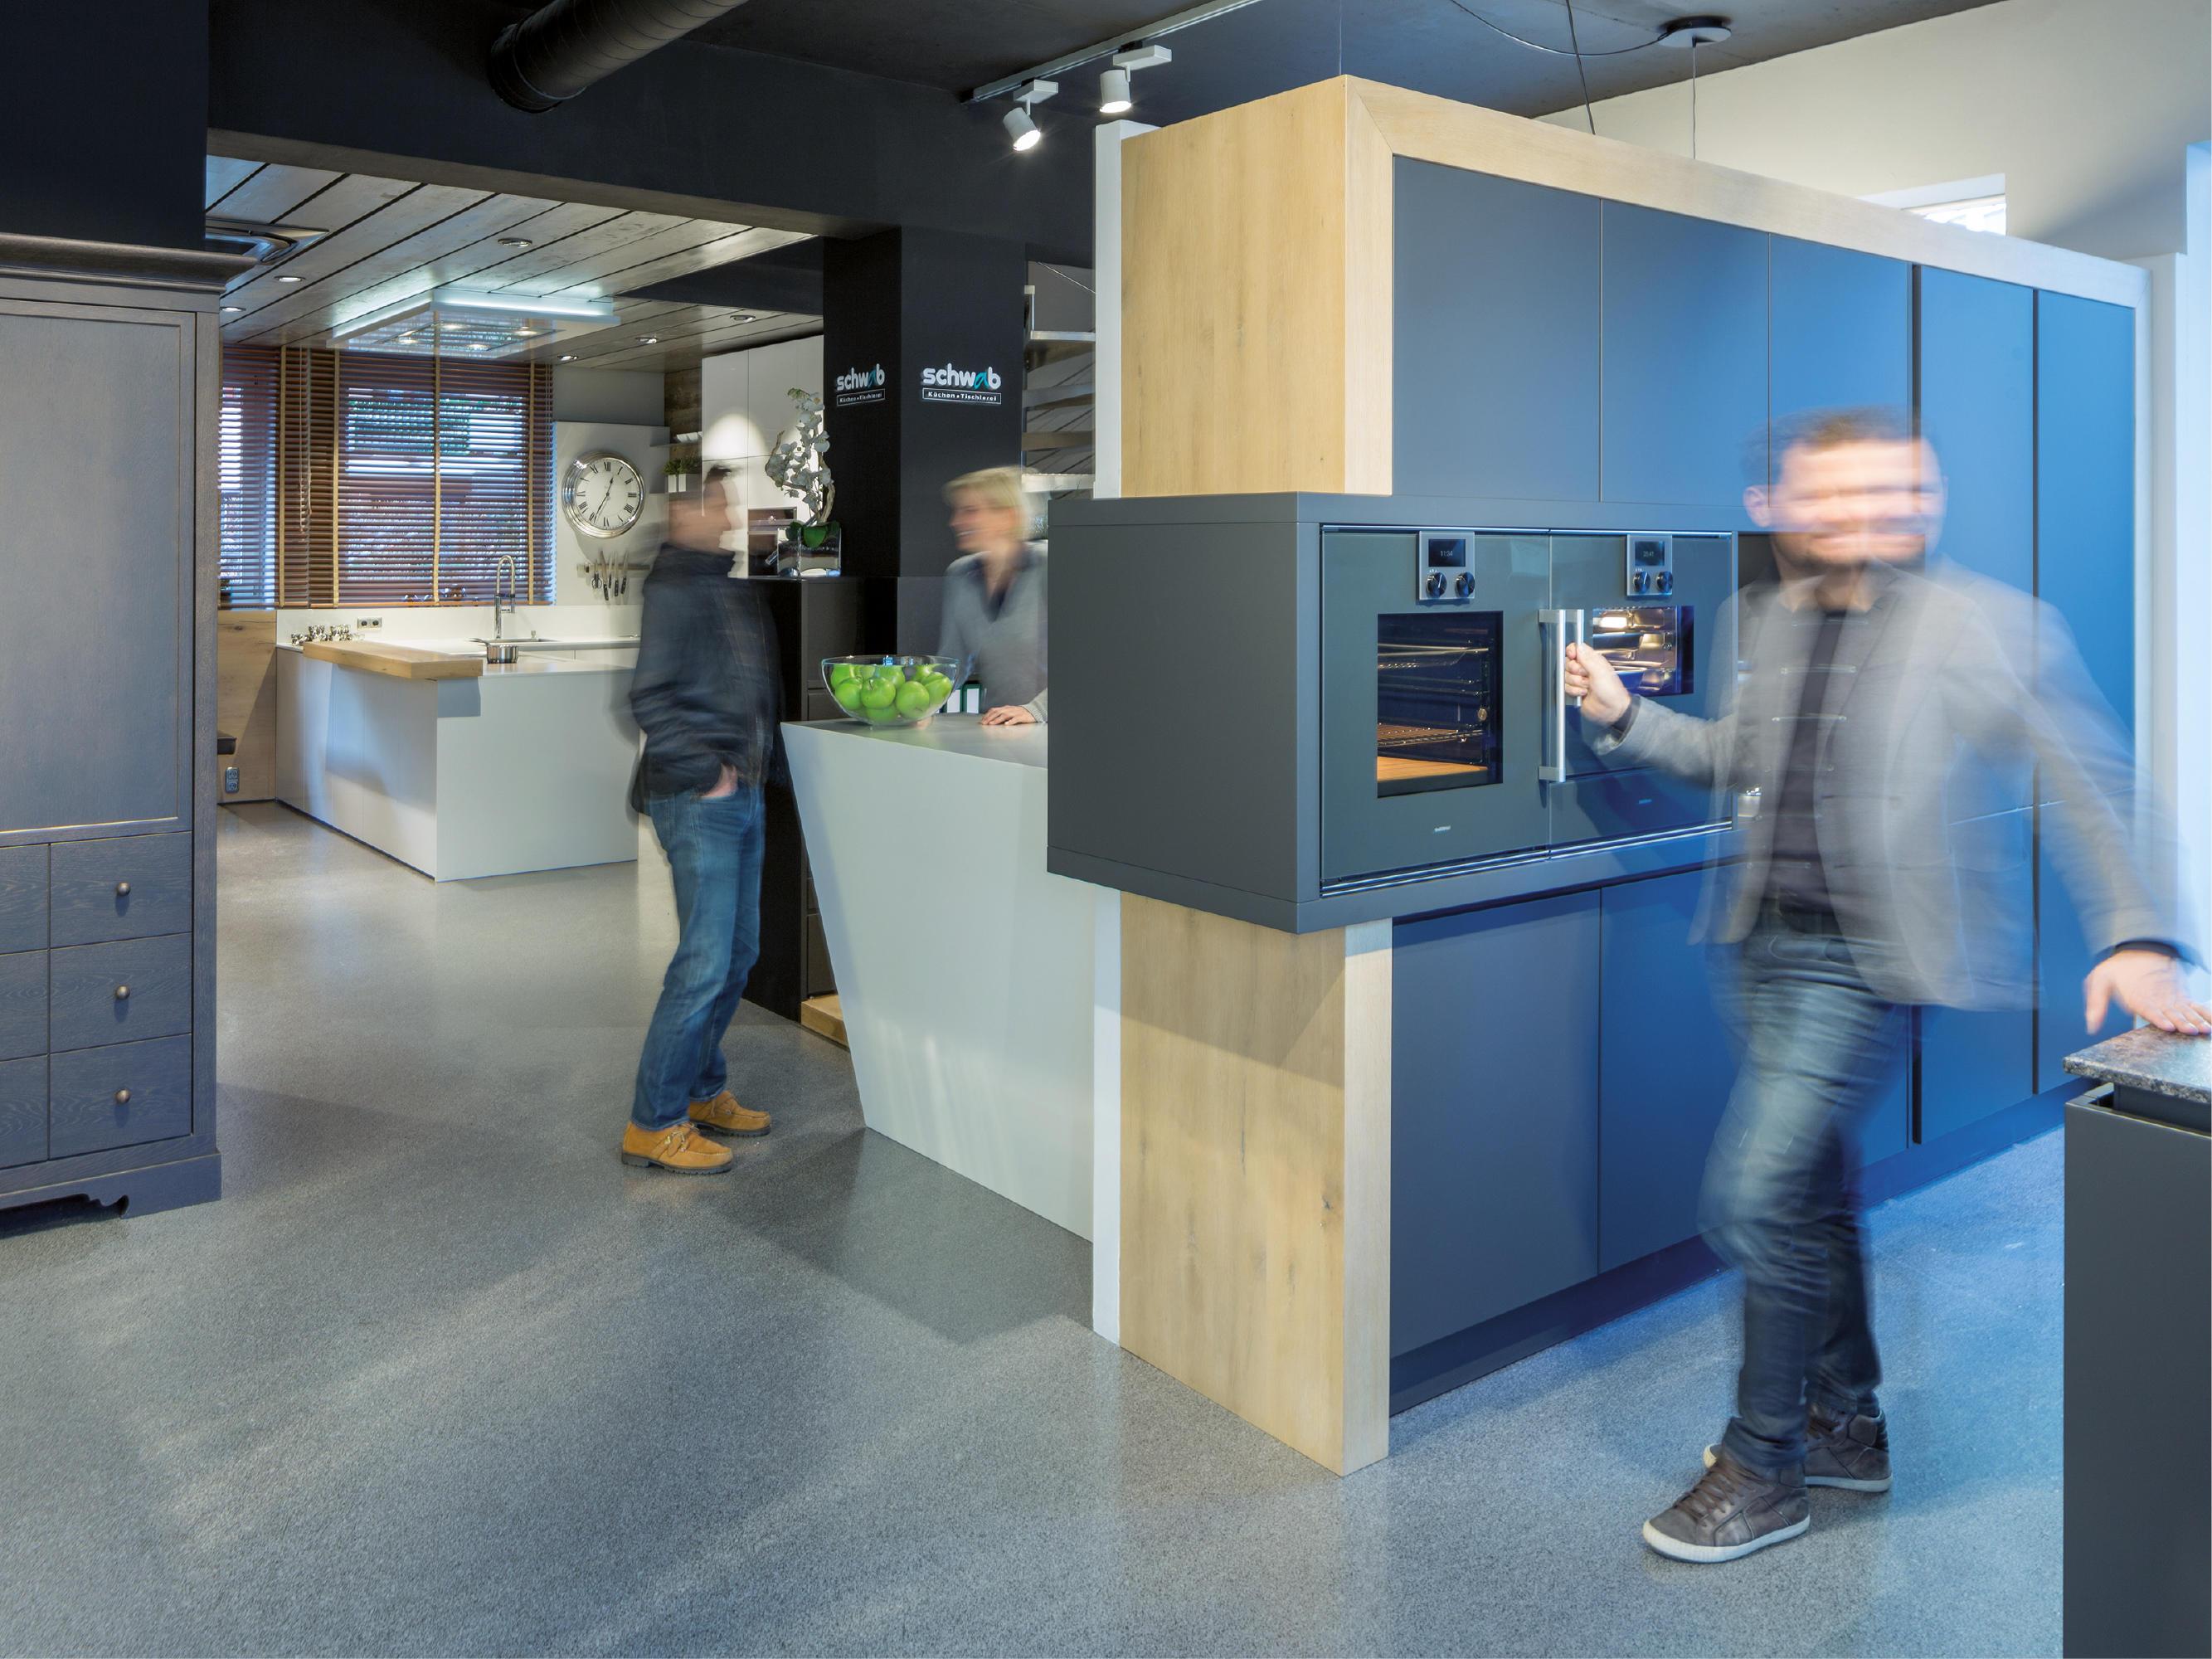 Schwab Kuchen Salzburg Gesmbh Co Kg Bauunternehmen Renovierung